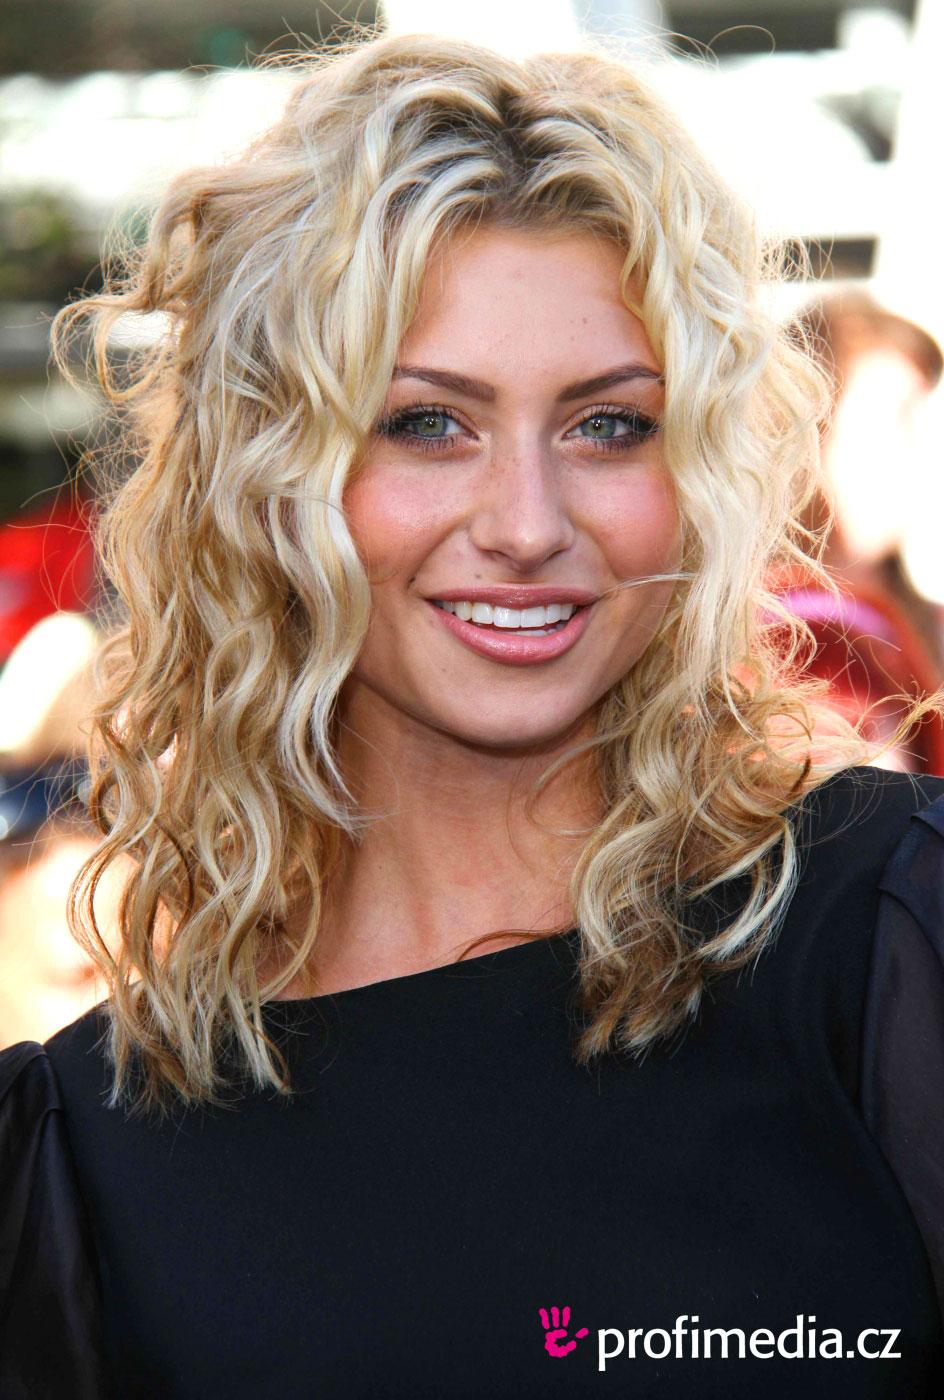 Peinado de - Aly Michalka - Aly Michalka